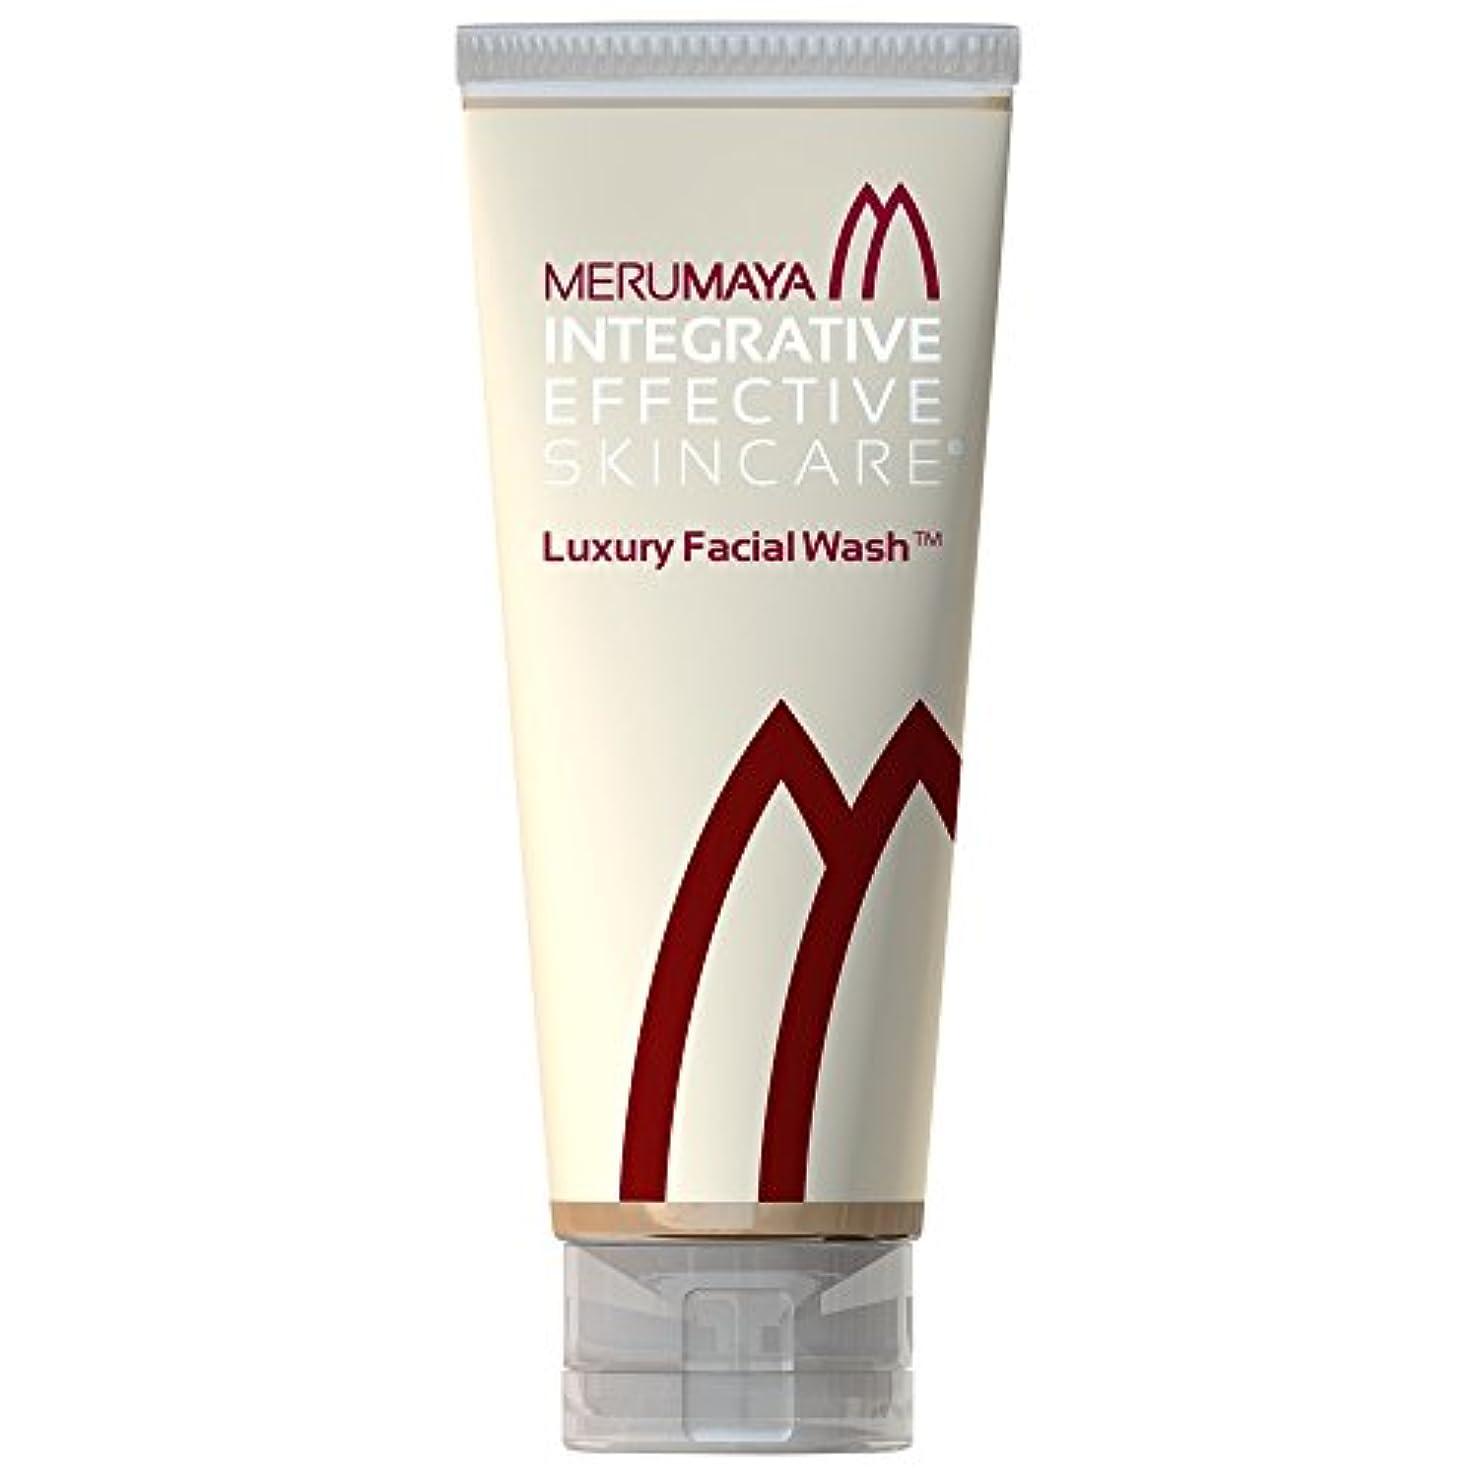 雰囲気仮説厳密にMerumaya高級洗顔?、100ミリリットル (Merumaya) (x2) - MERUMAYA Luxury Facial Wash?, 100ml (Pack of 2) [並行輸入品]